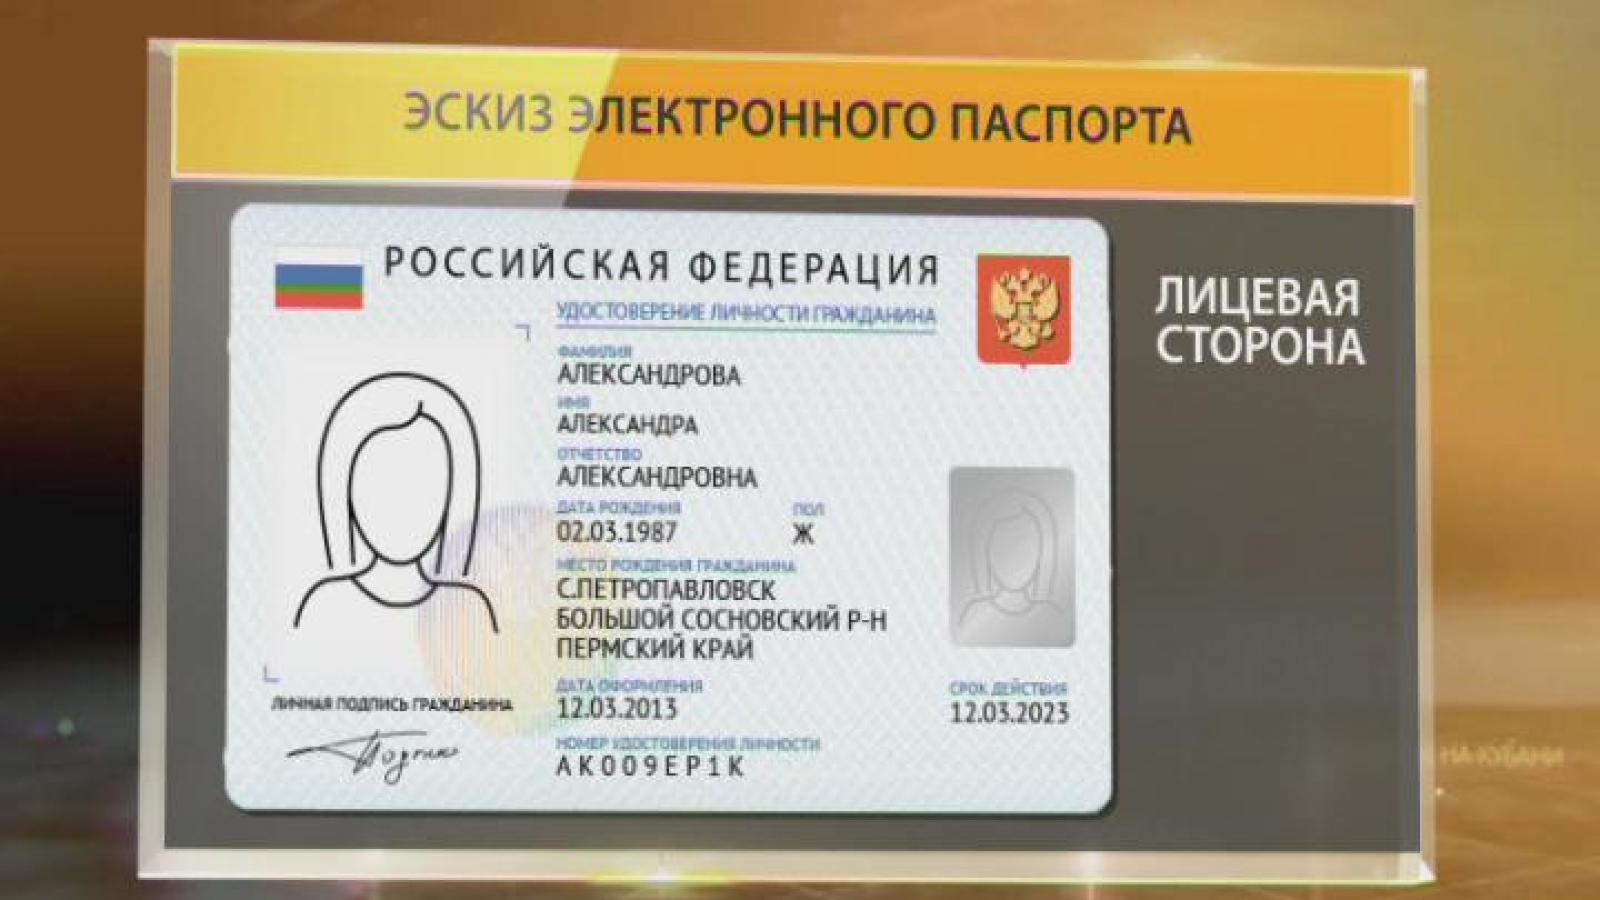 Пластиковая карта с чипом вместо паспорта